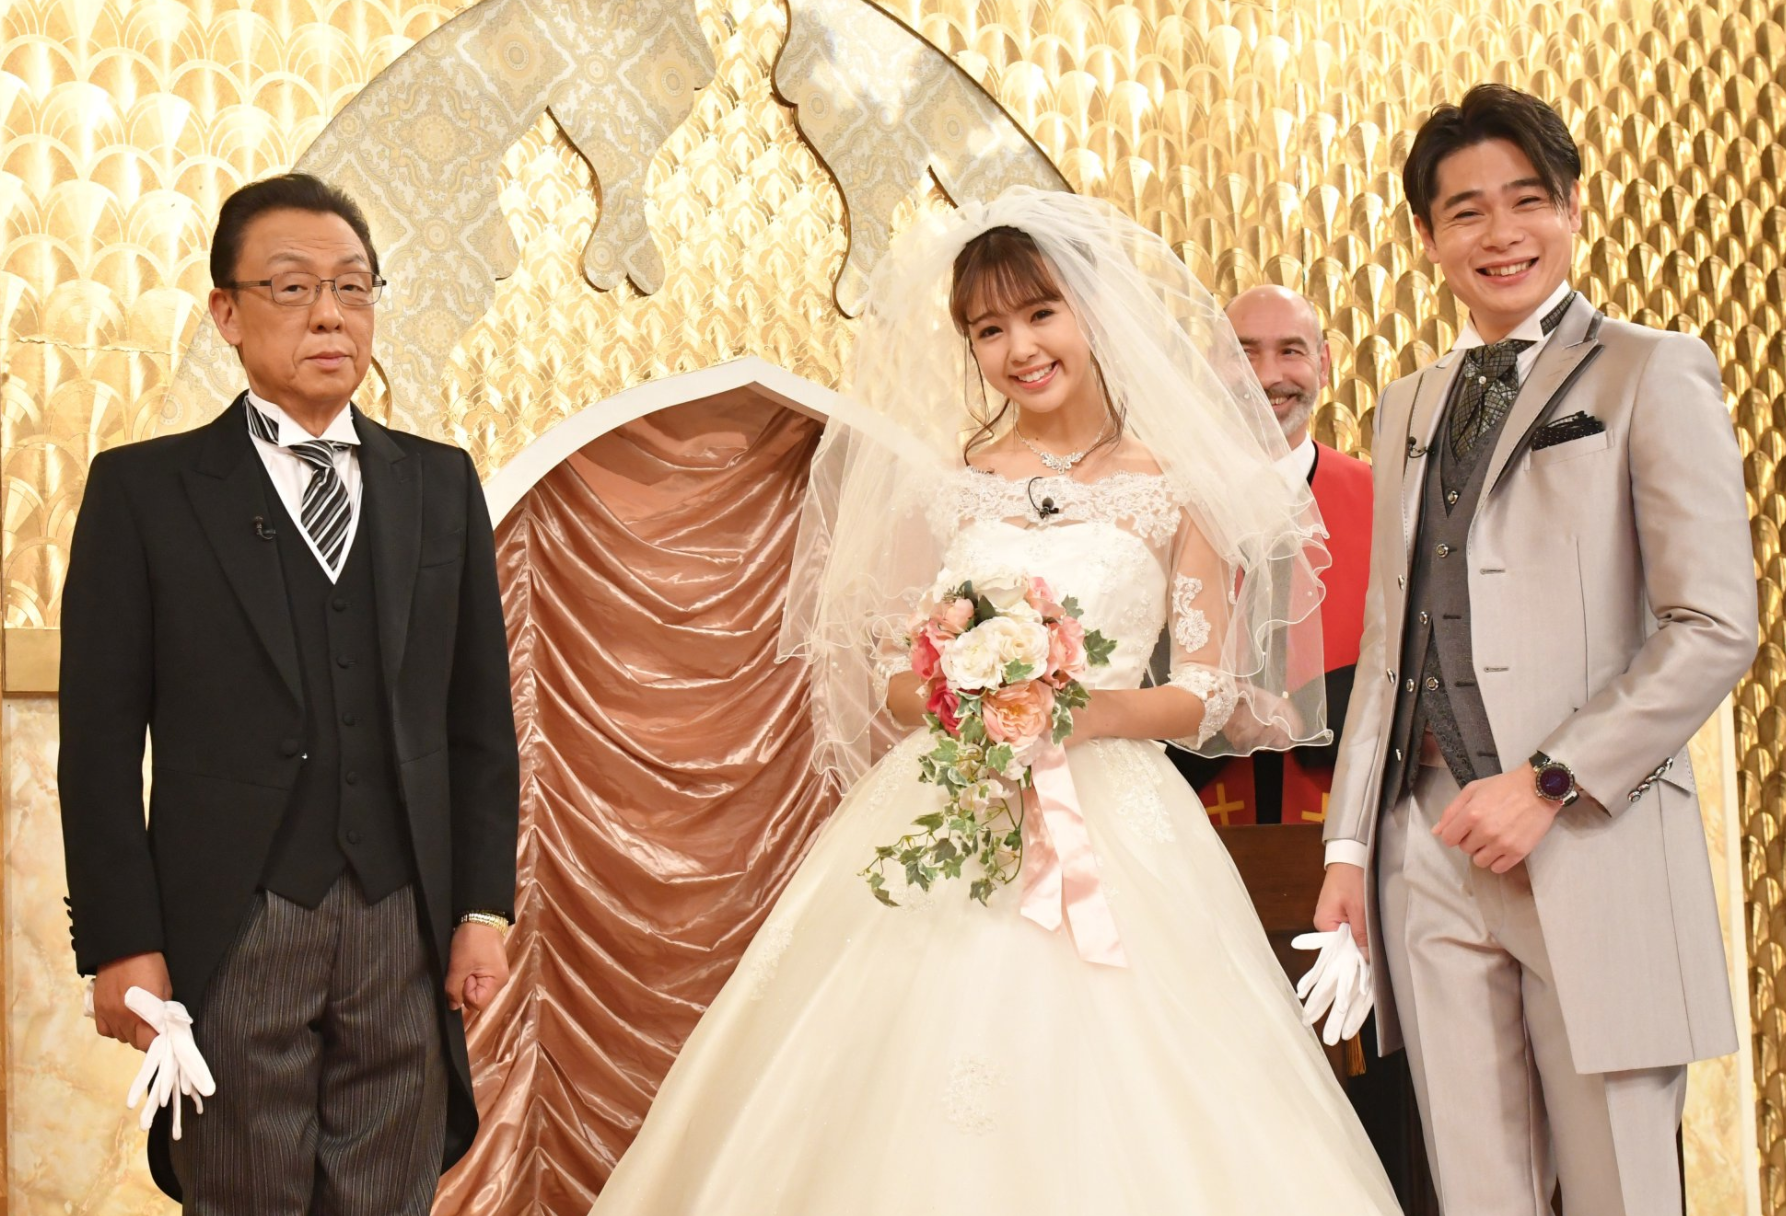 富美男 妻 梅沢 梅沢富美男の子供(娘)は2人!大学は、婚約者と結婚した!?画像